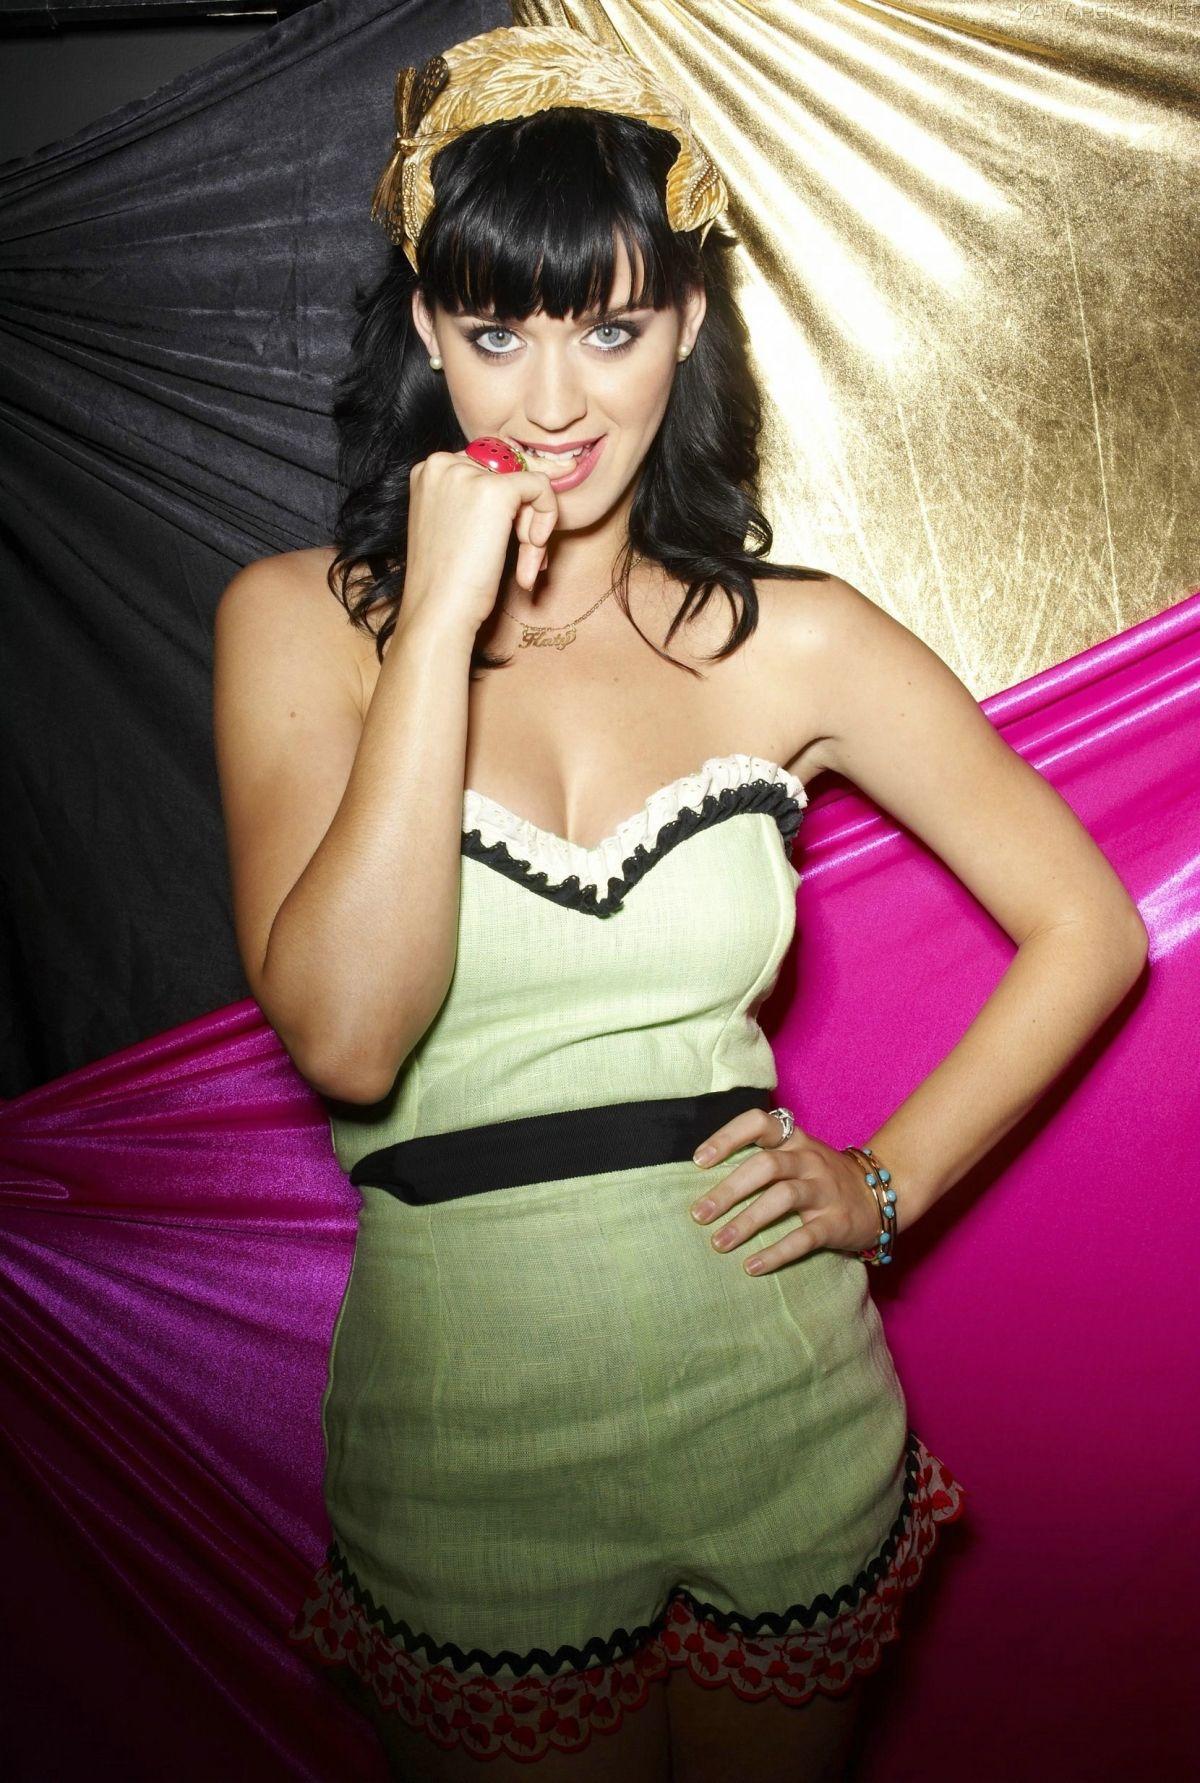 Кэти Перри за «Вест Хэм»! В 2009-м певица появилась на церемонии MTV в откровенном наряде с символикой «молотобойцев»